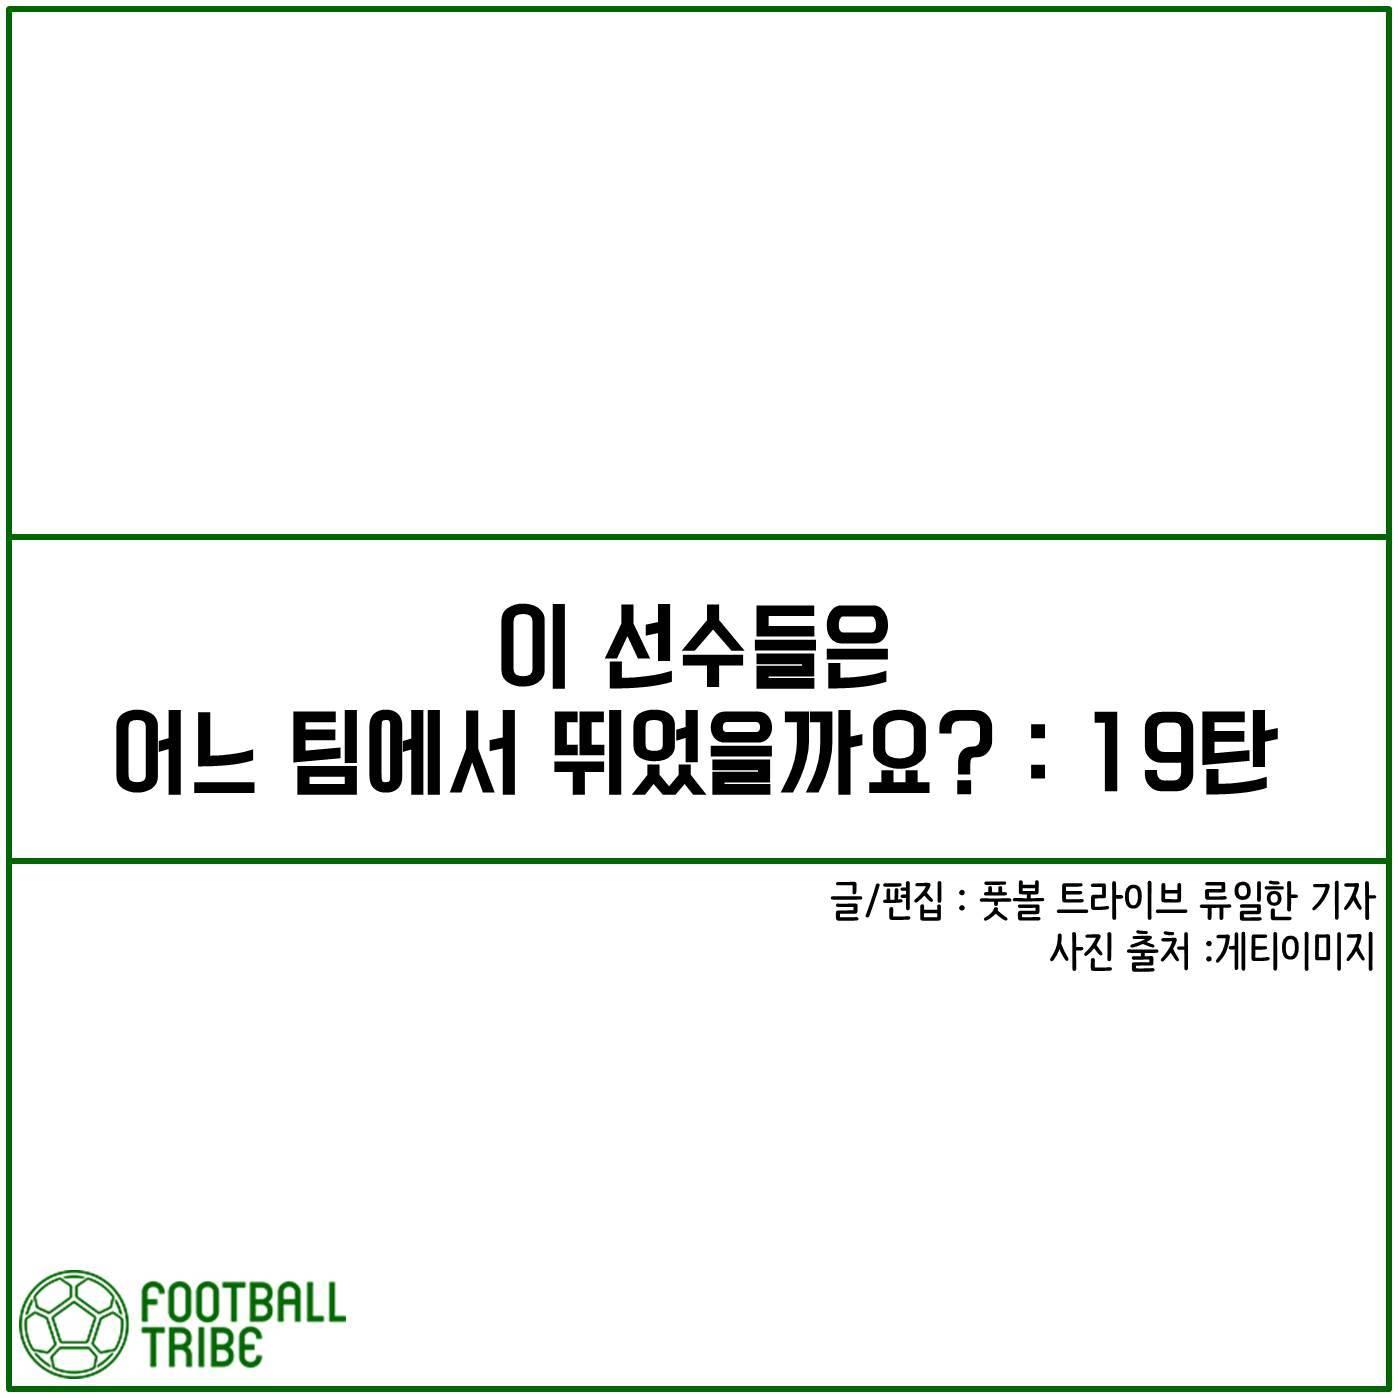 [카드 뉴스] 이 선수들은 어느 팀에서 뛰었을까요?: 19탄